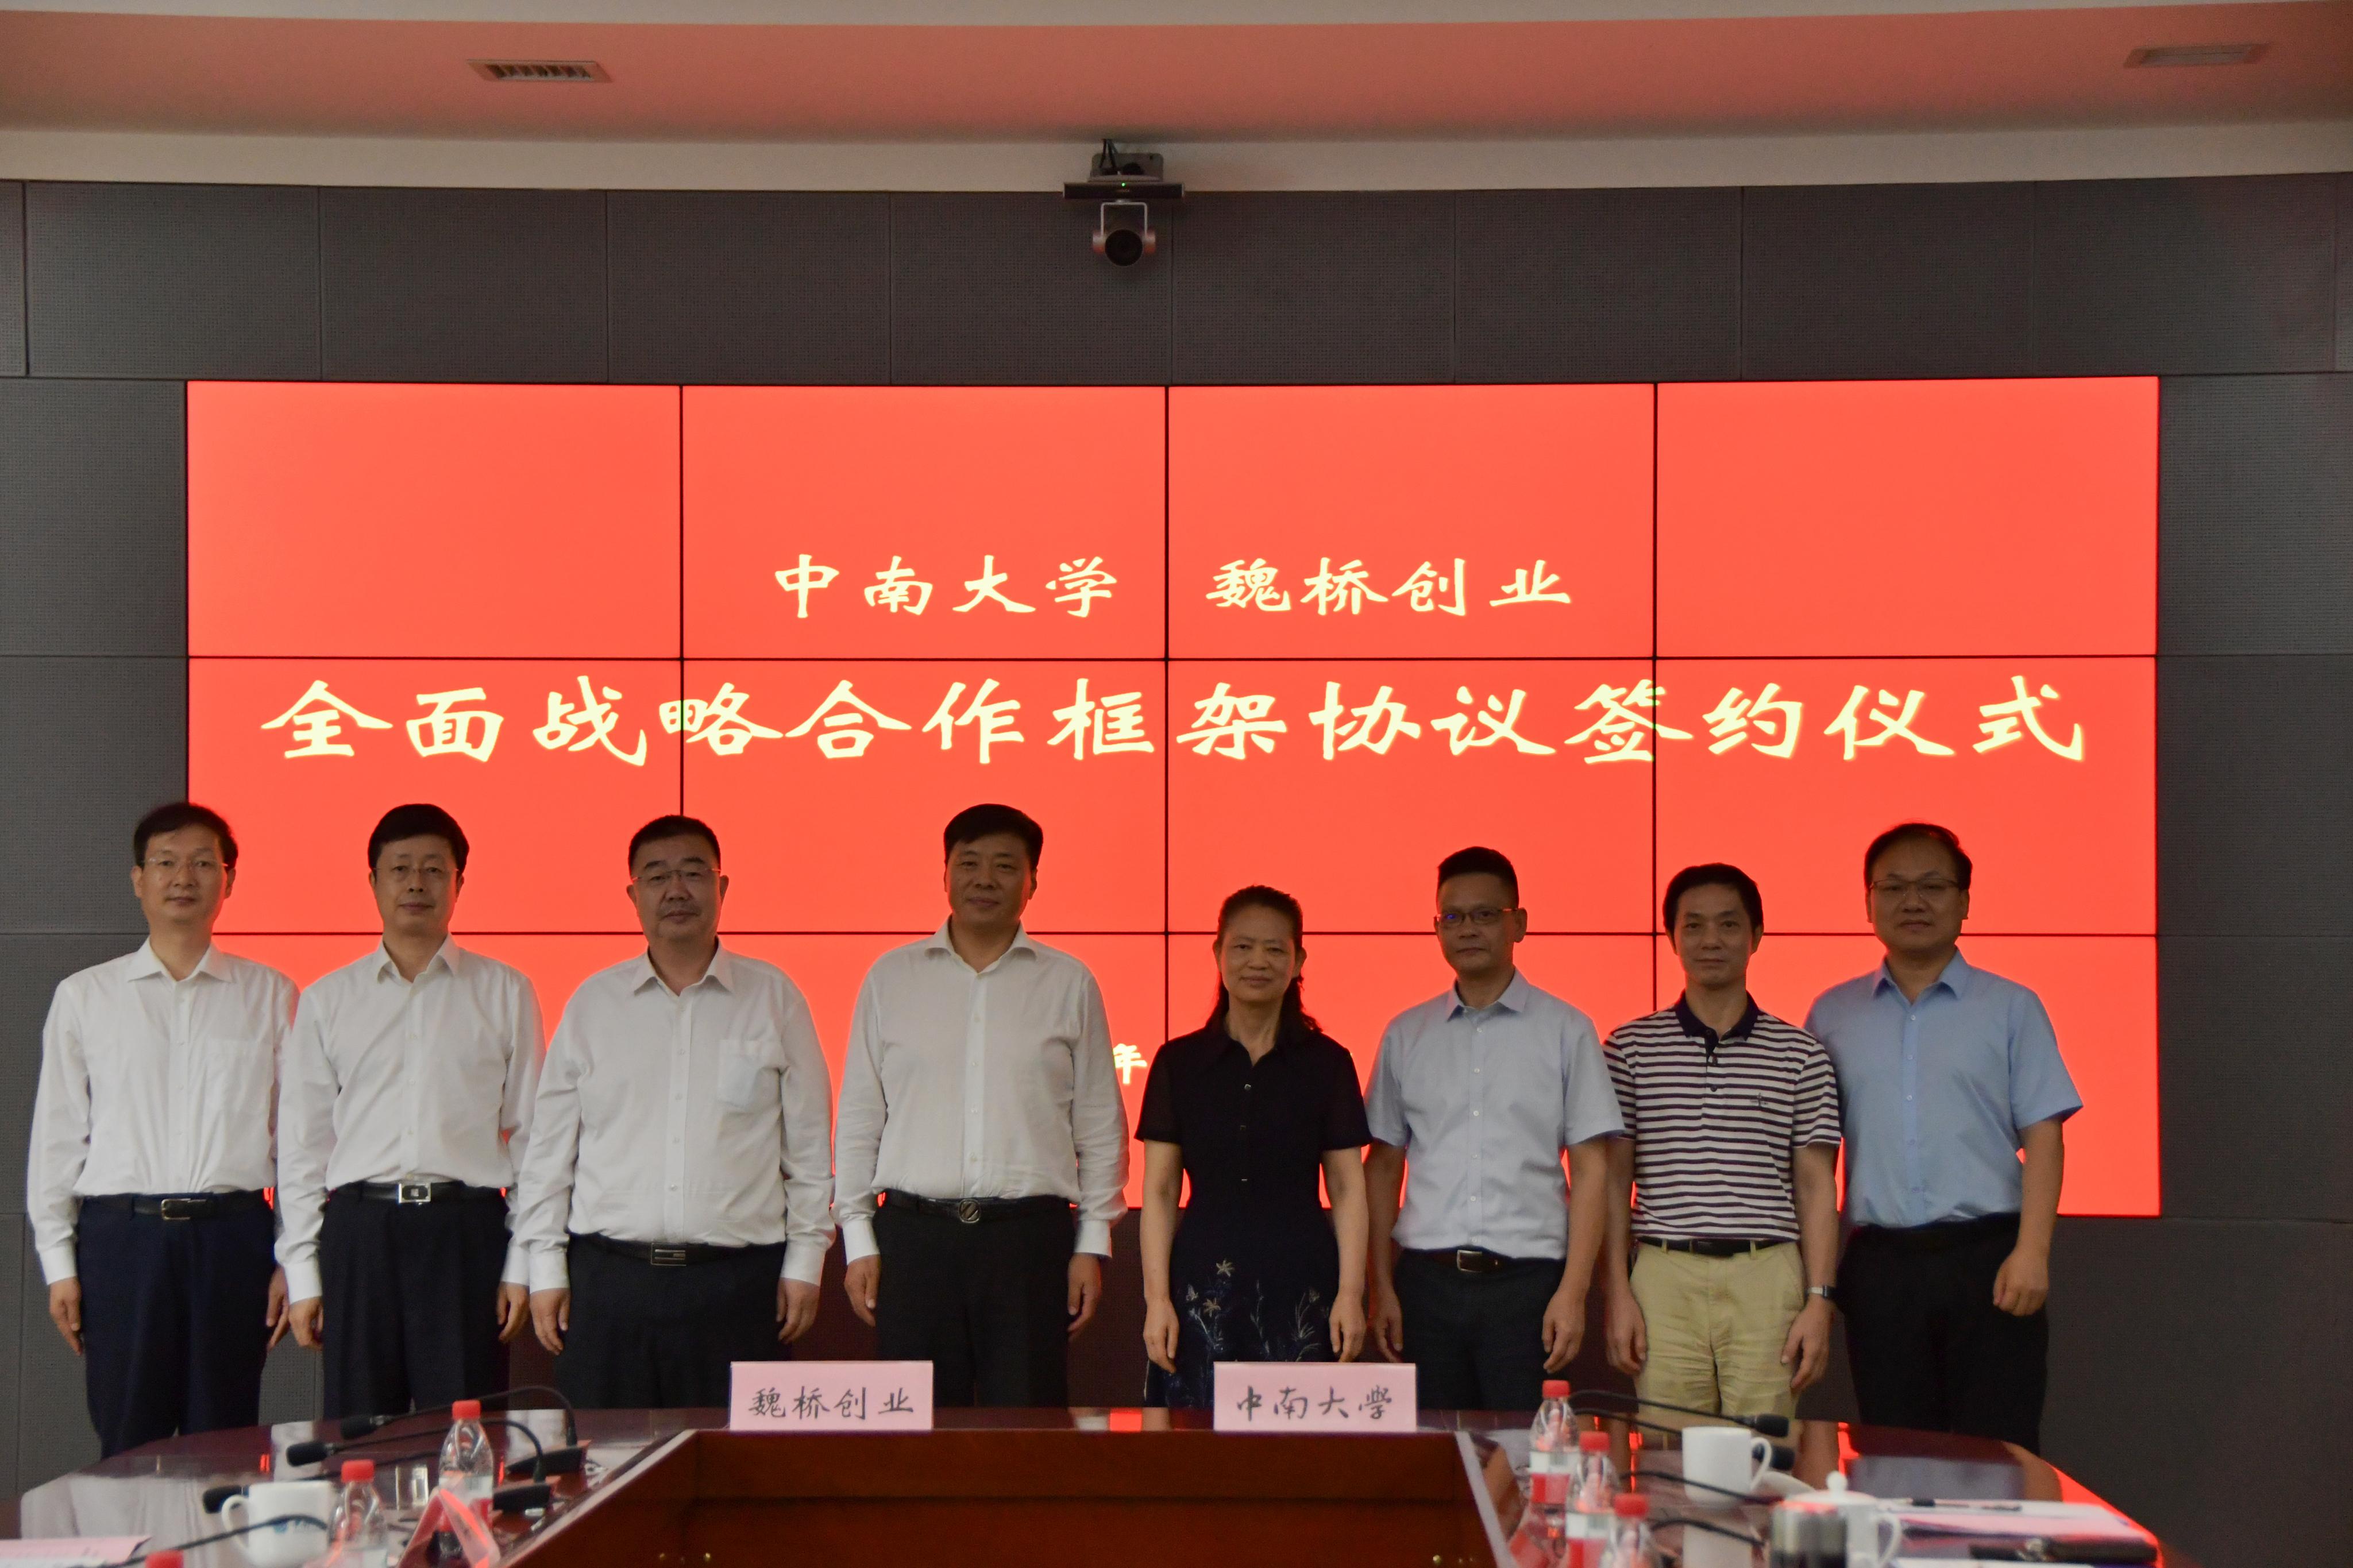 中南大学与山东魏桥创业集团签署全面战略合作框架协议